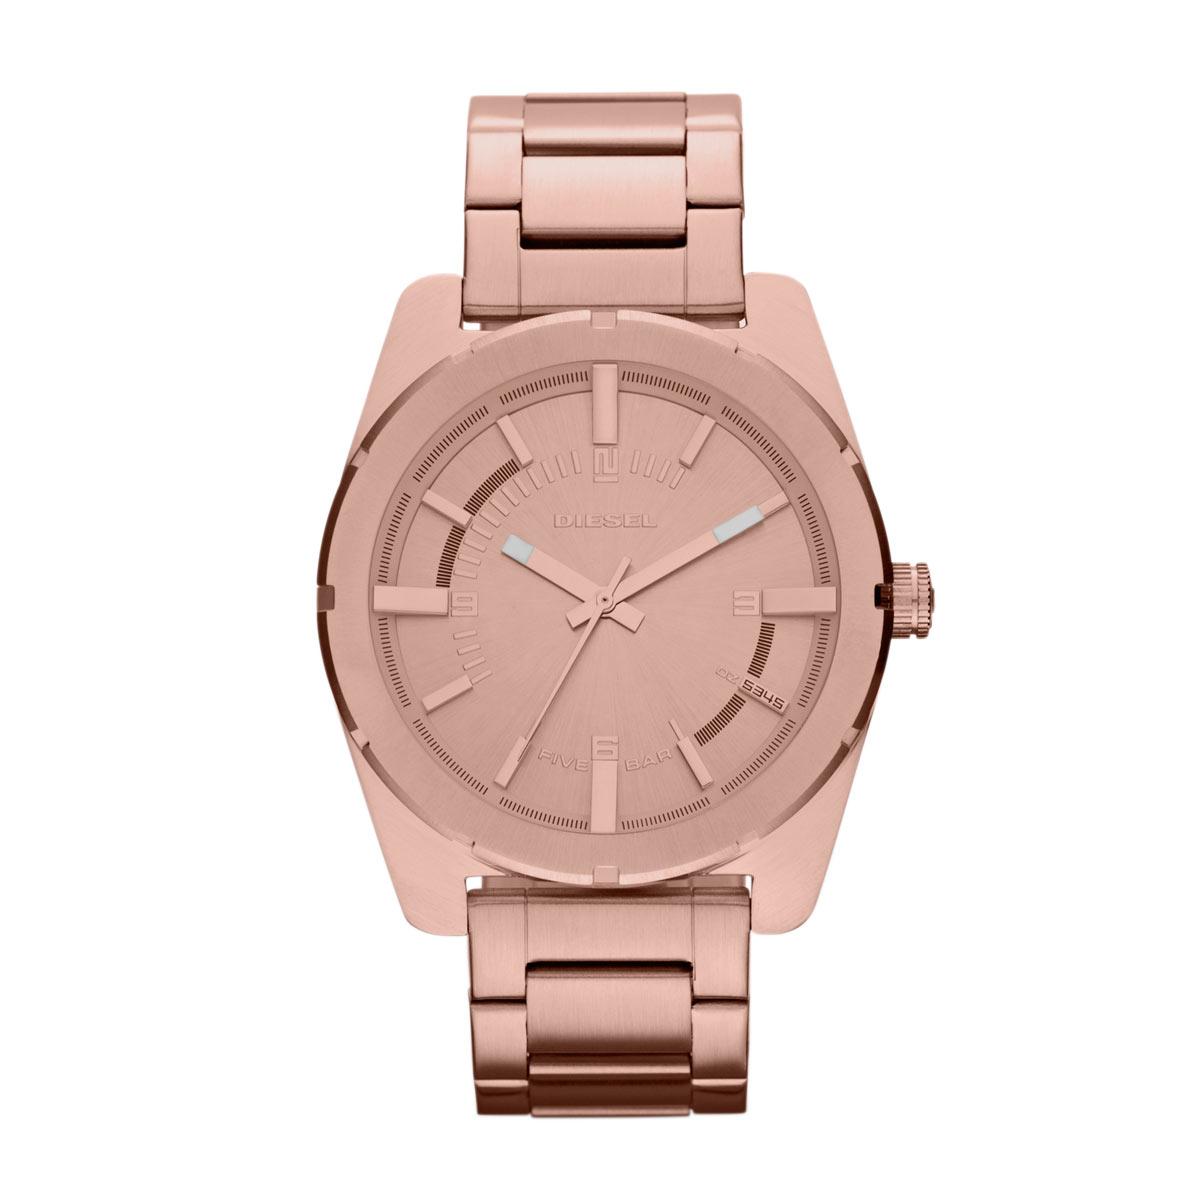 美國百分百【全新真品】Diesel 配件 手錶 腕錶 金屬 個性 女錶 石英 設計 時尚 不鏽鋼 玫瑰金 E525